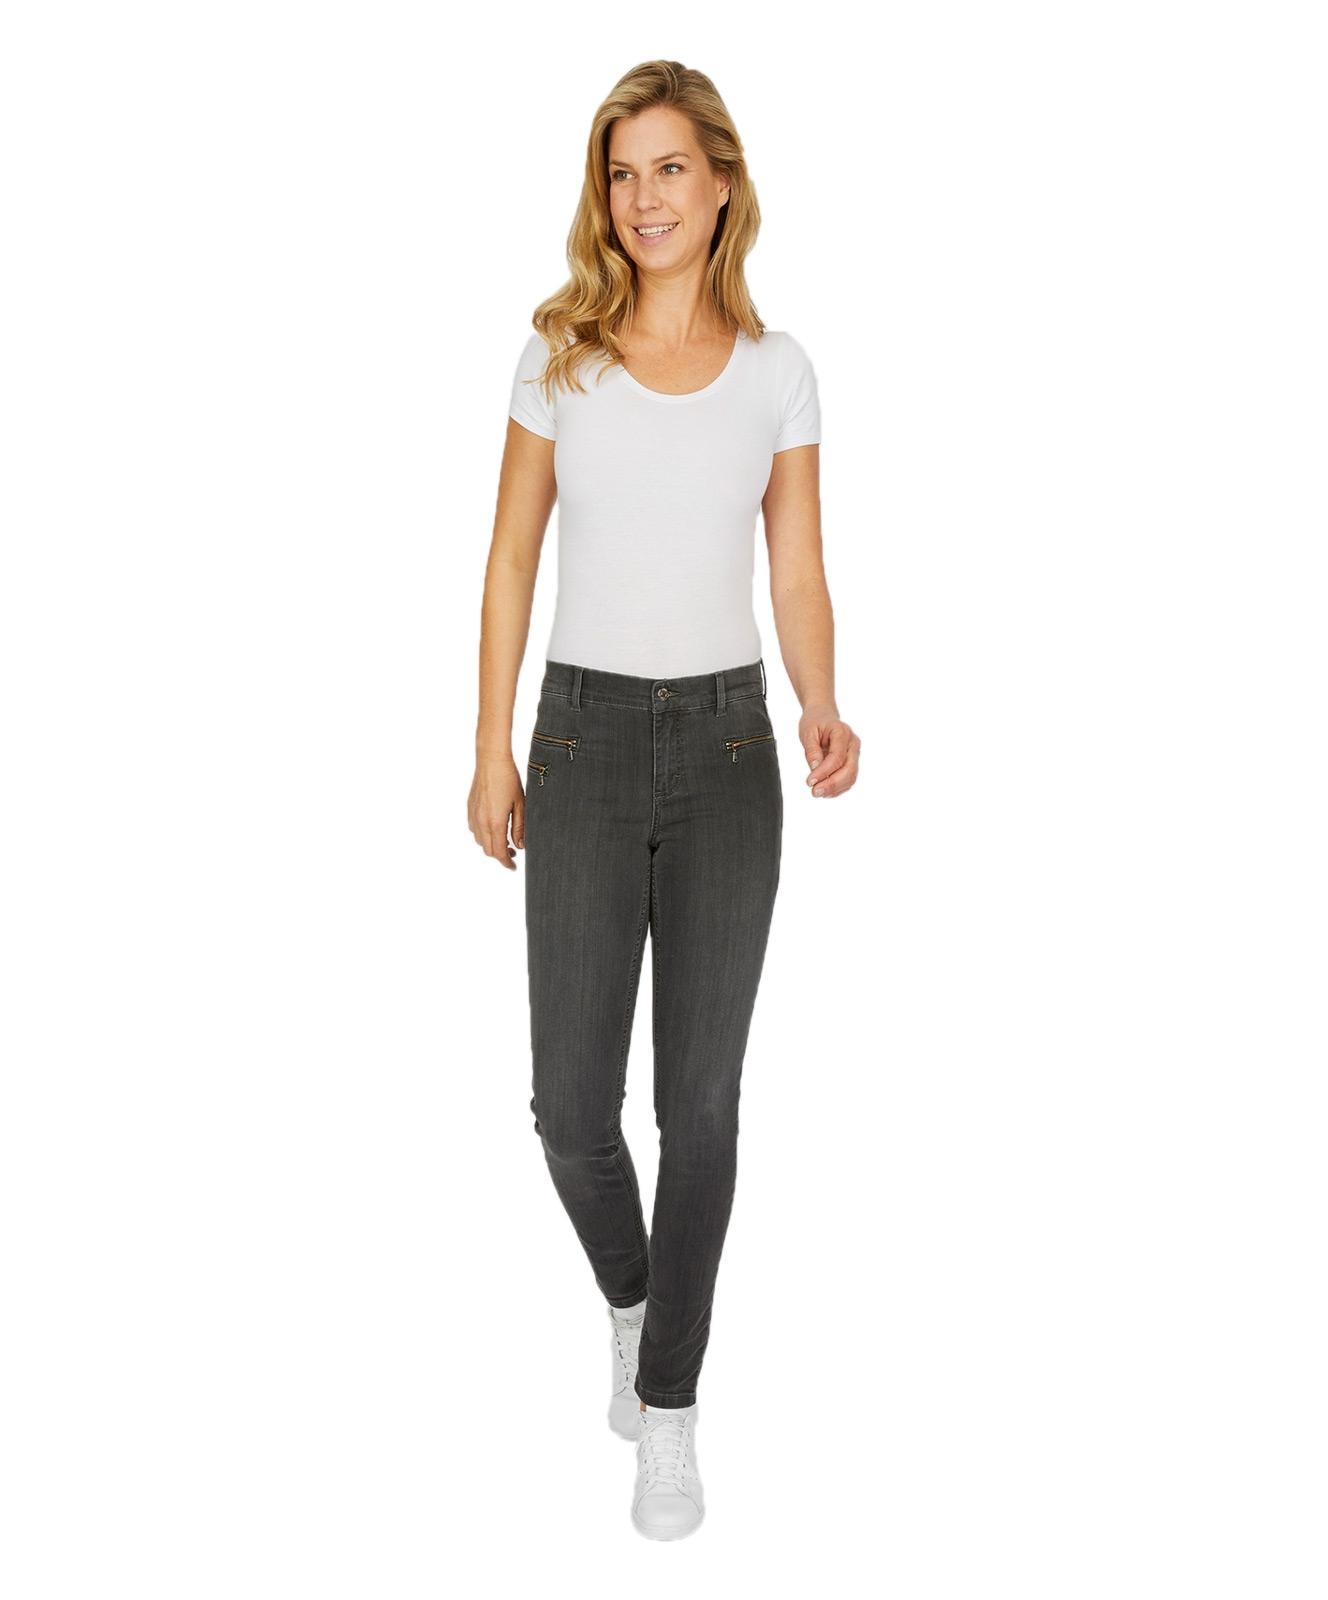 Hosen - Angels Slim Fit Jeans Malu Zip in Grey Used  - Onlineshop Jeans Meile